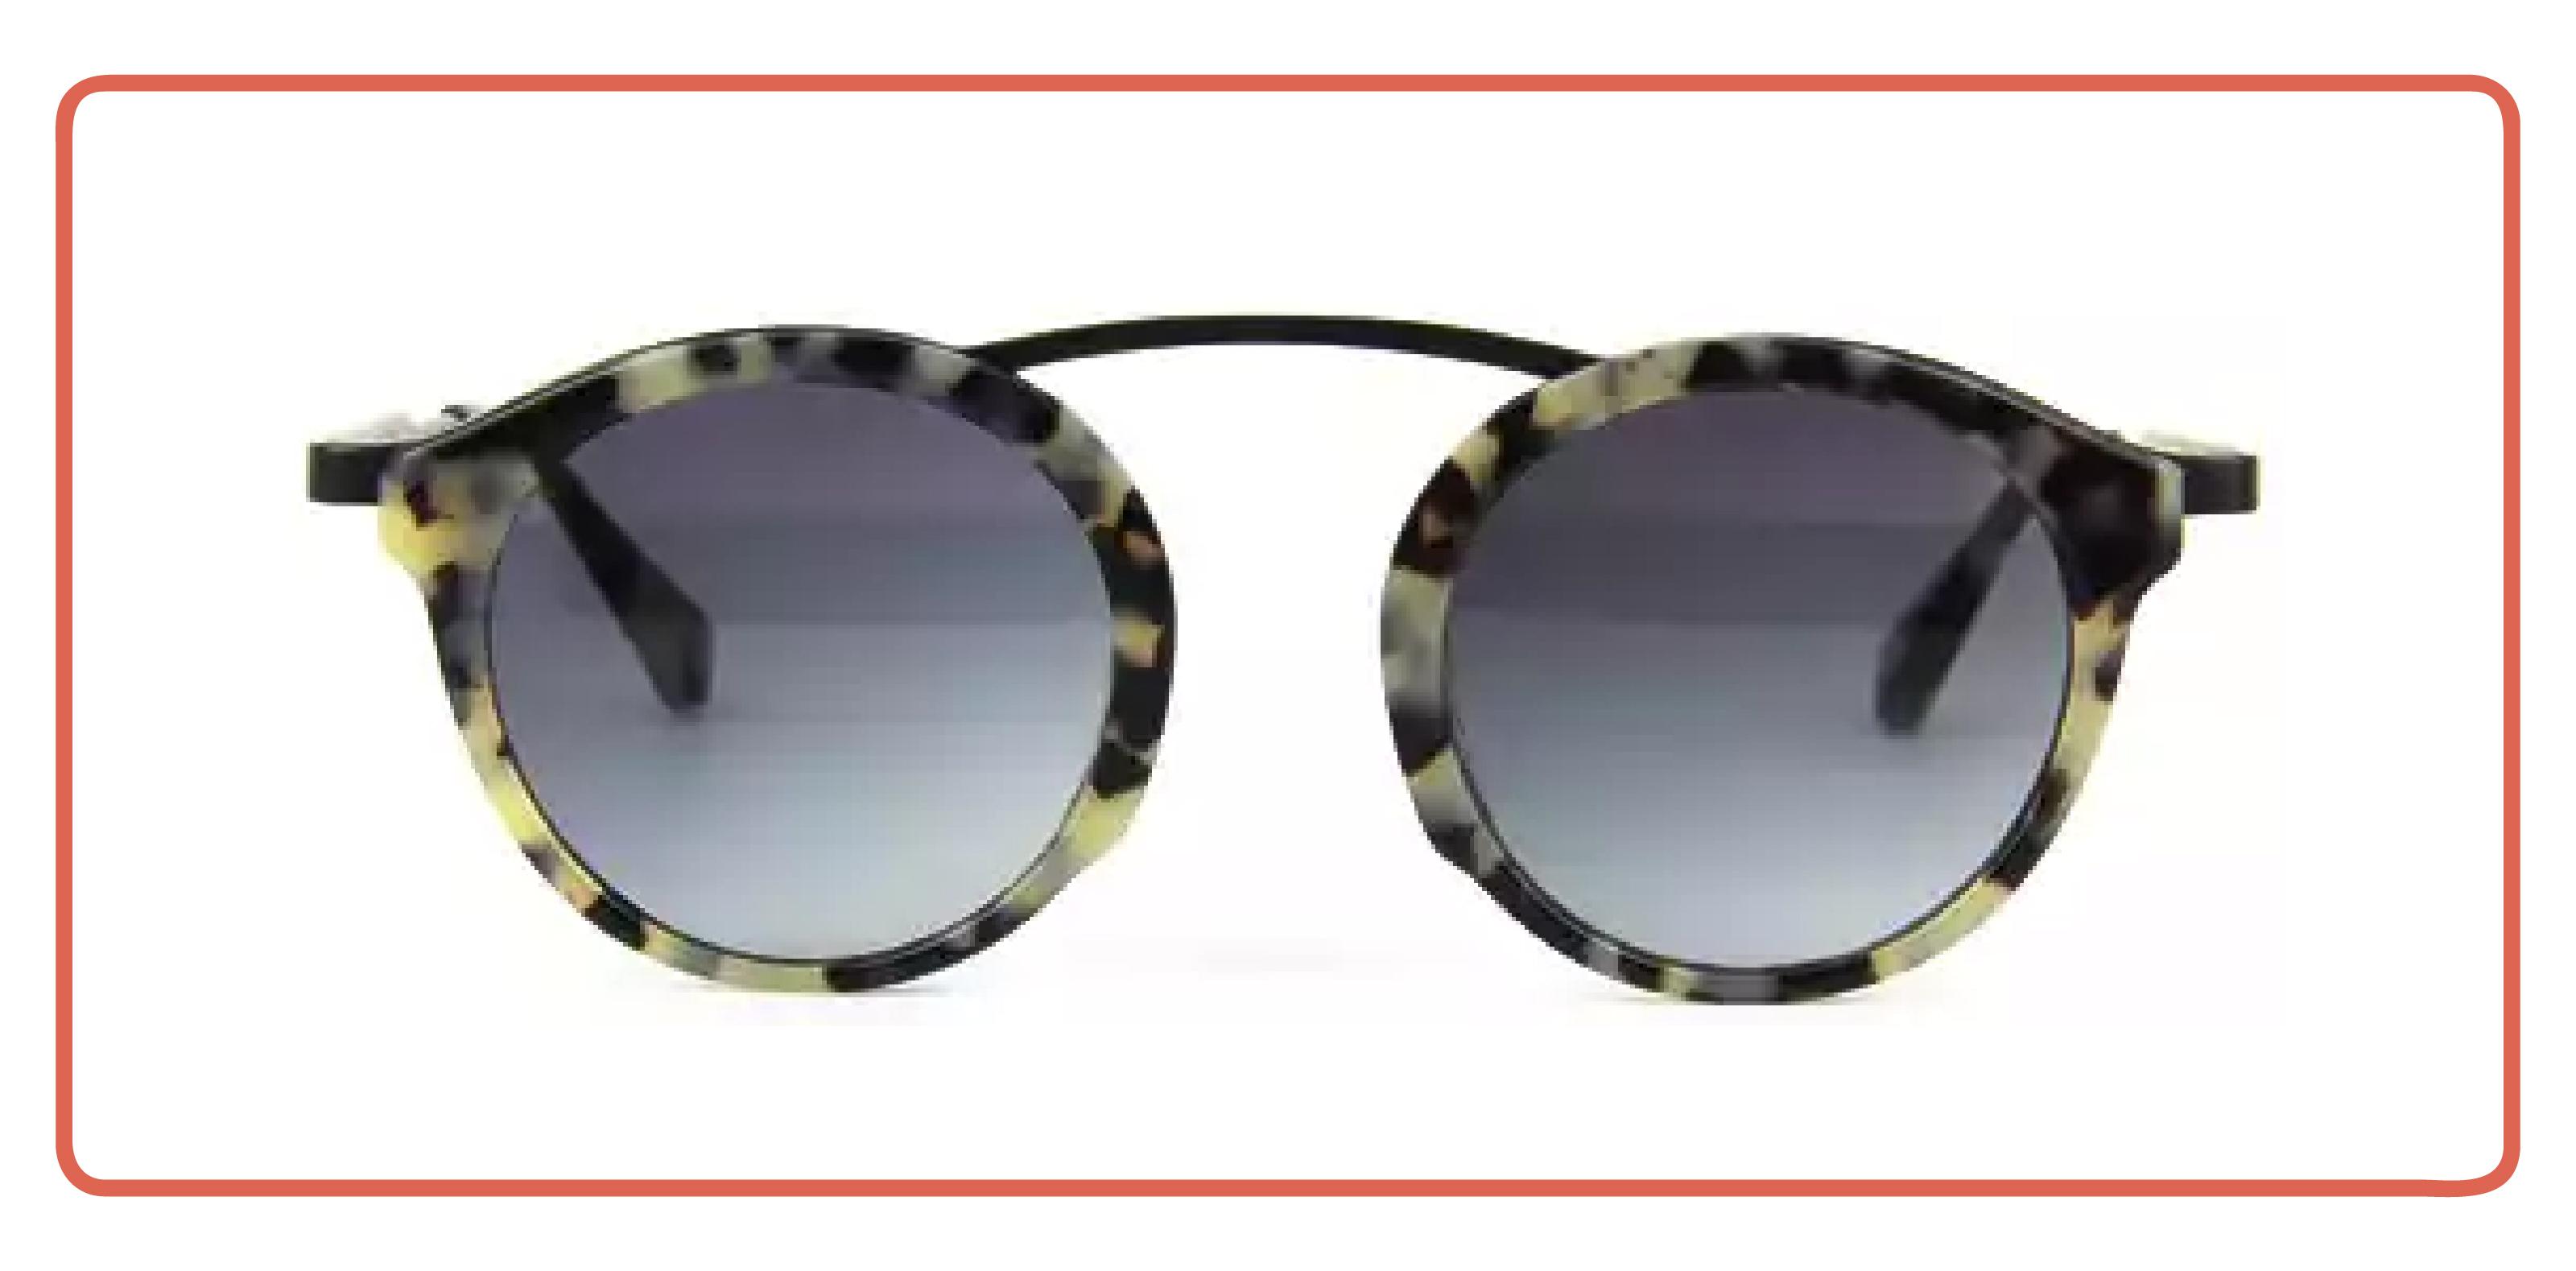 lunettes de soleil les tendances pour l 39 t 2017 lunettes au logis. Black Bedroom Furniture Sets. Home Design Ideas